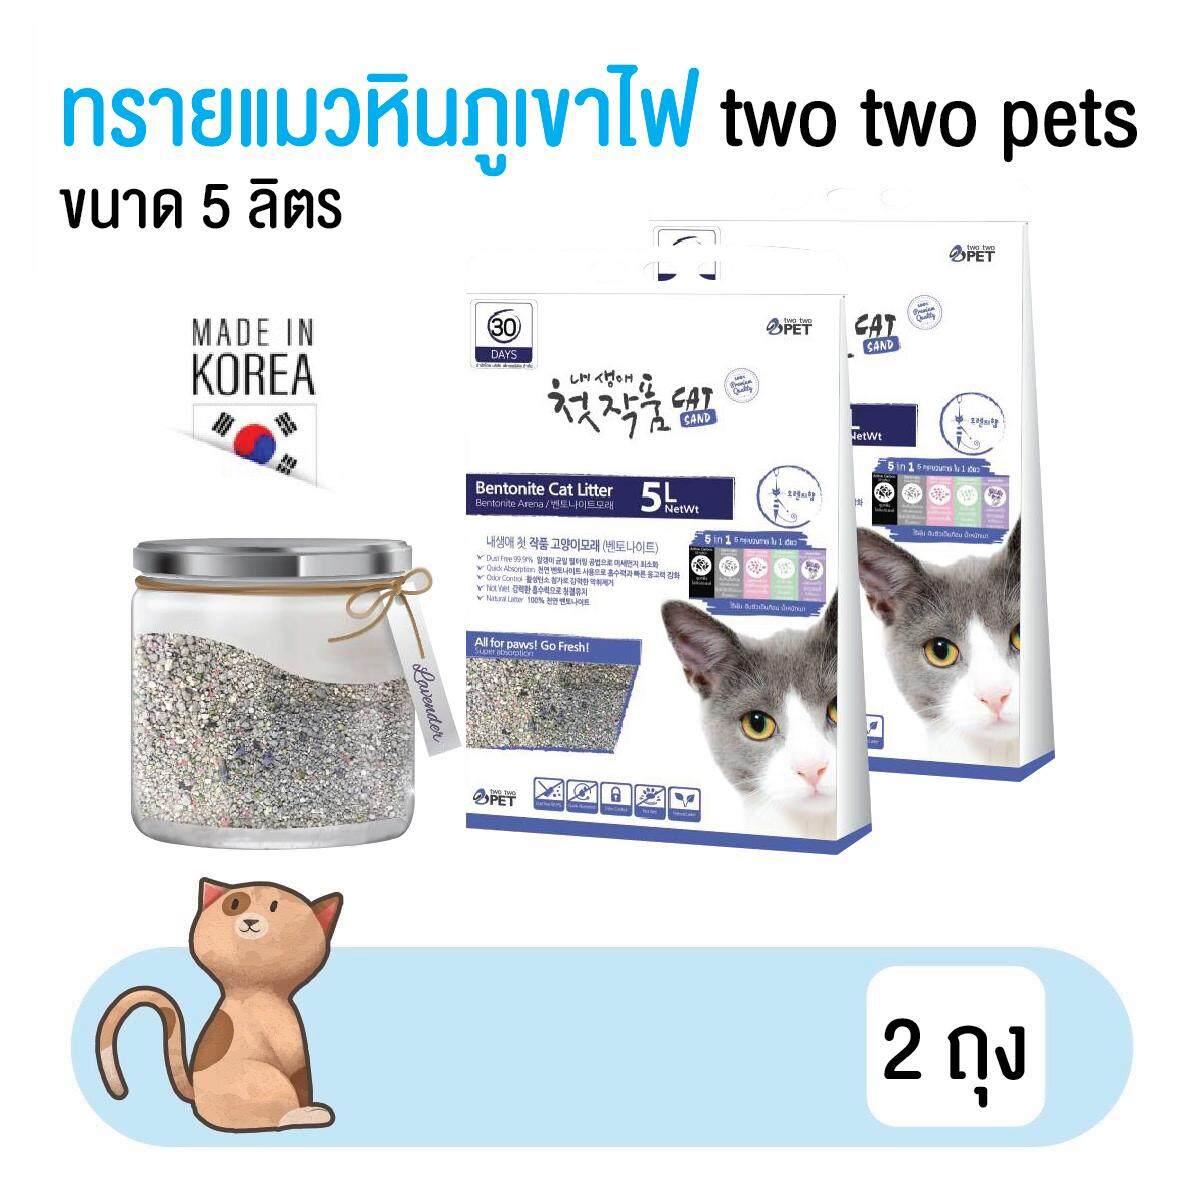 (2 ถุง) ทรายแมว ทรายแมวหินภูเขาไฟ two two pets ทรายแมวไร้ฝุ่น จับตัวเป็นก้อน ดับกลิ่น 100% ขนาด 5 ลิตร